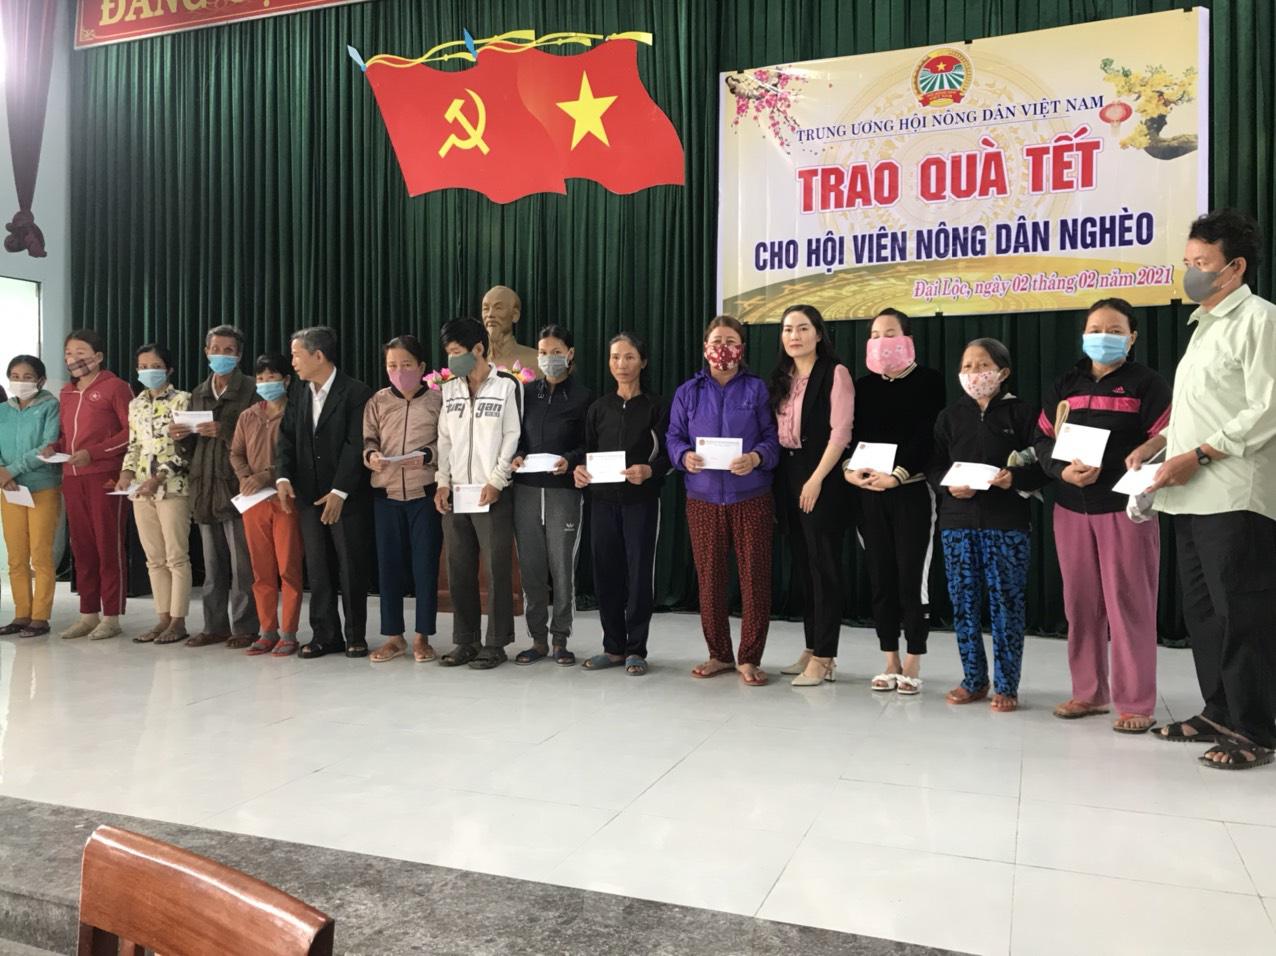 Quảng Nam: Mang xuân đến với bà con nông dân xứ Quảng - Ảnh 1.